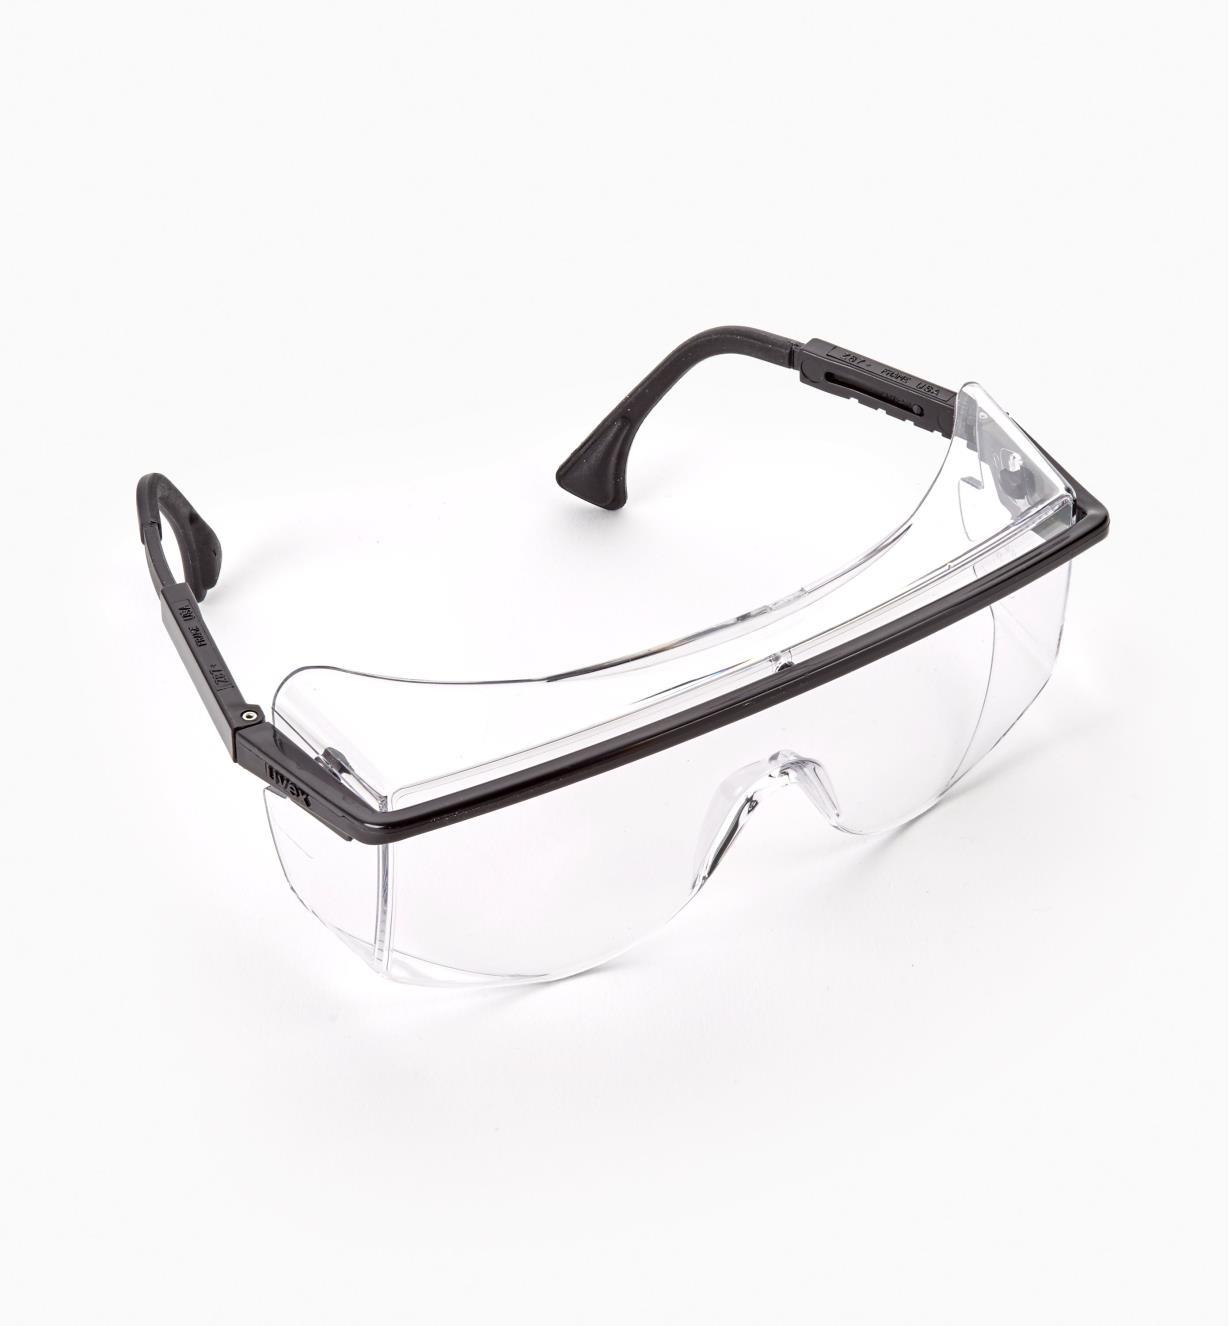 22R7201 - Surlunettes de protection, verre incolore